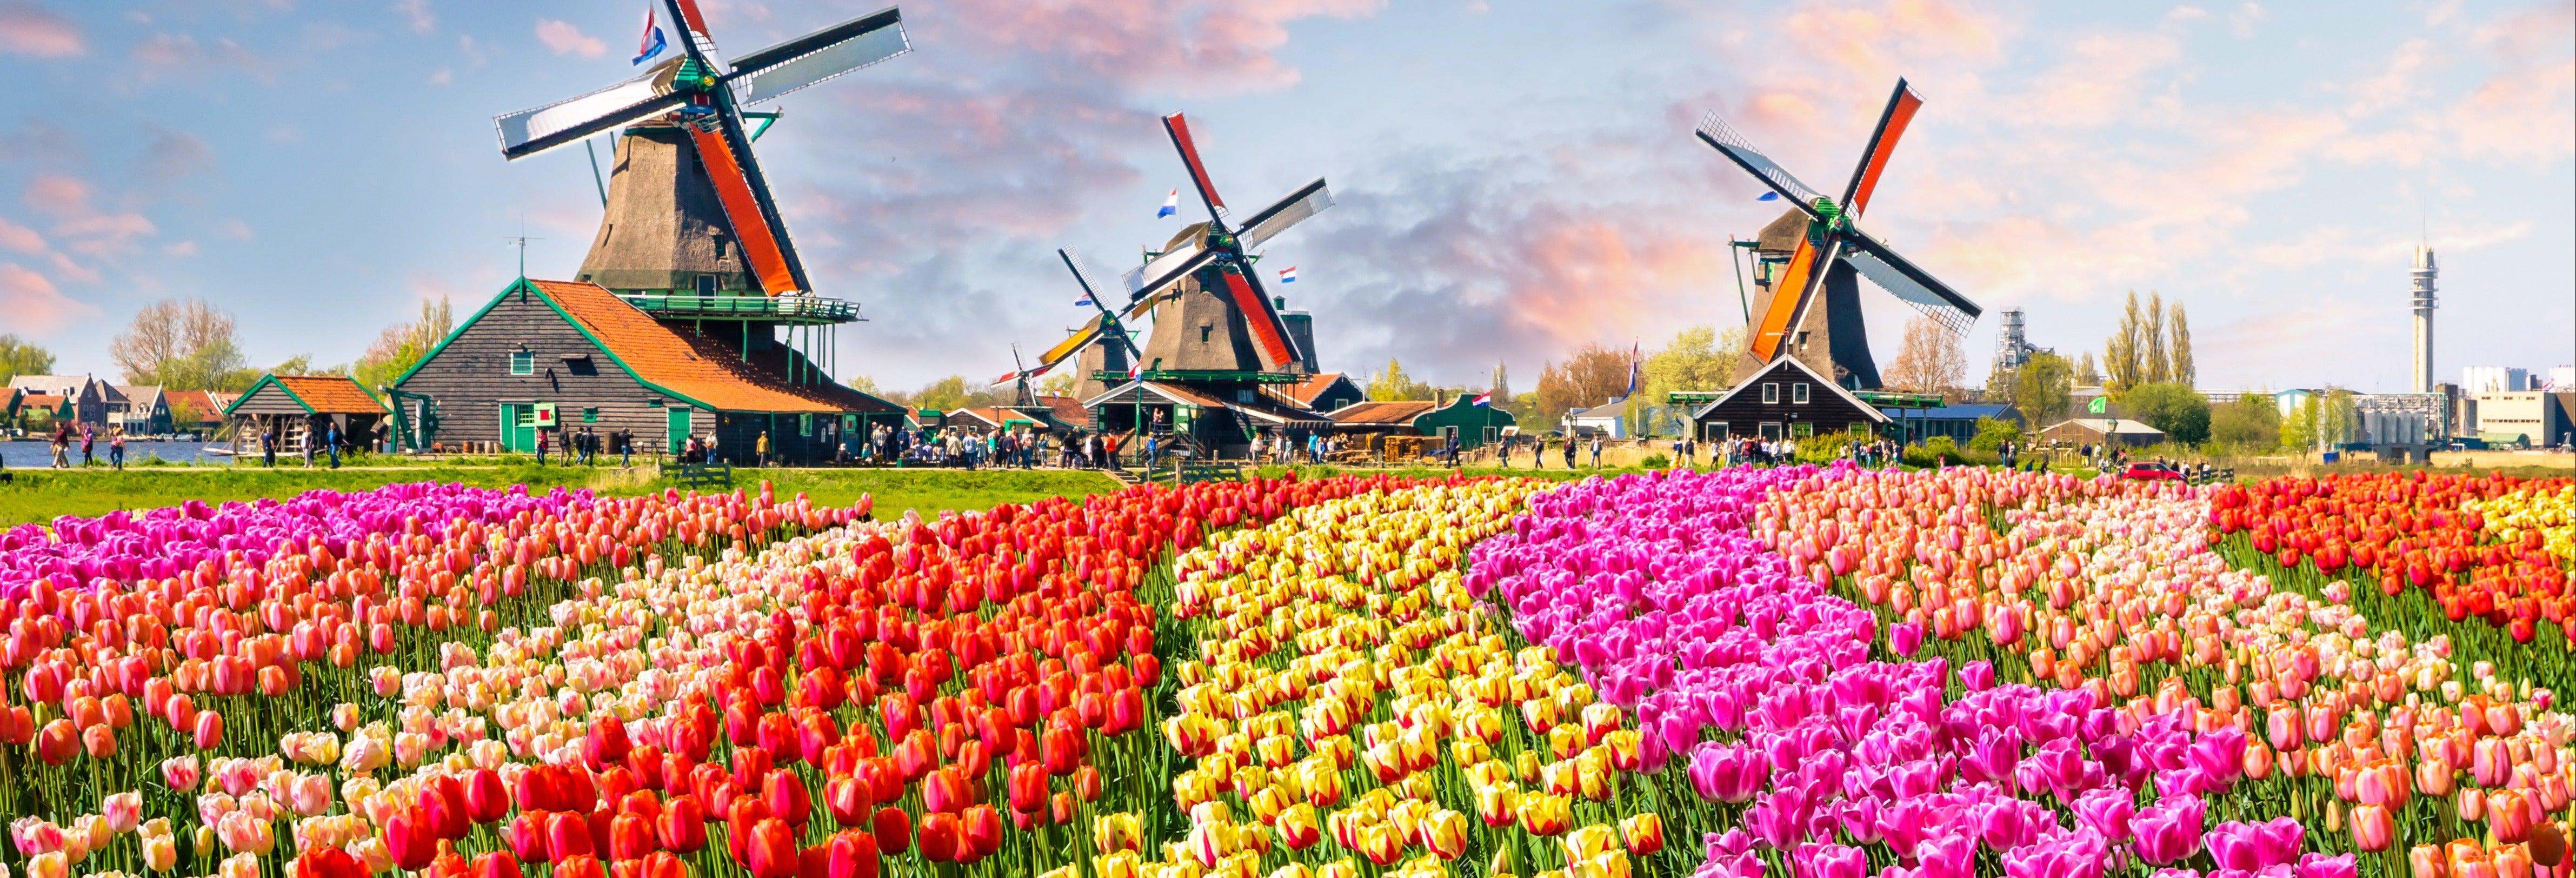 Excursión a Keukenhof y los molinos de Kinderdijk